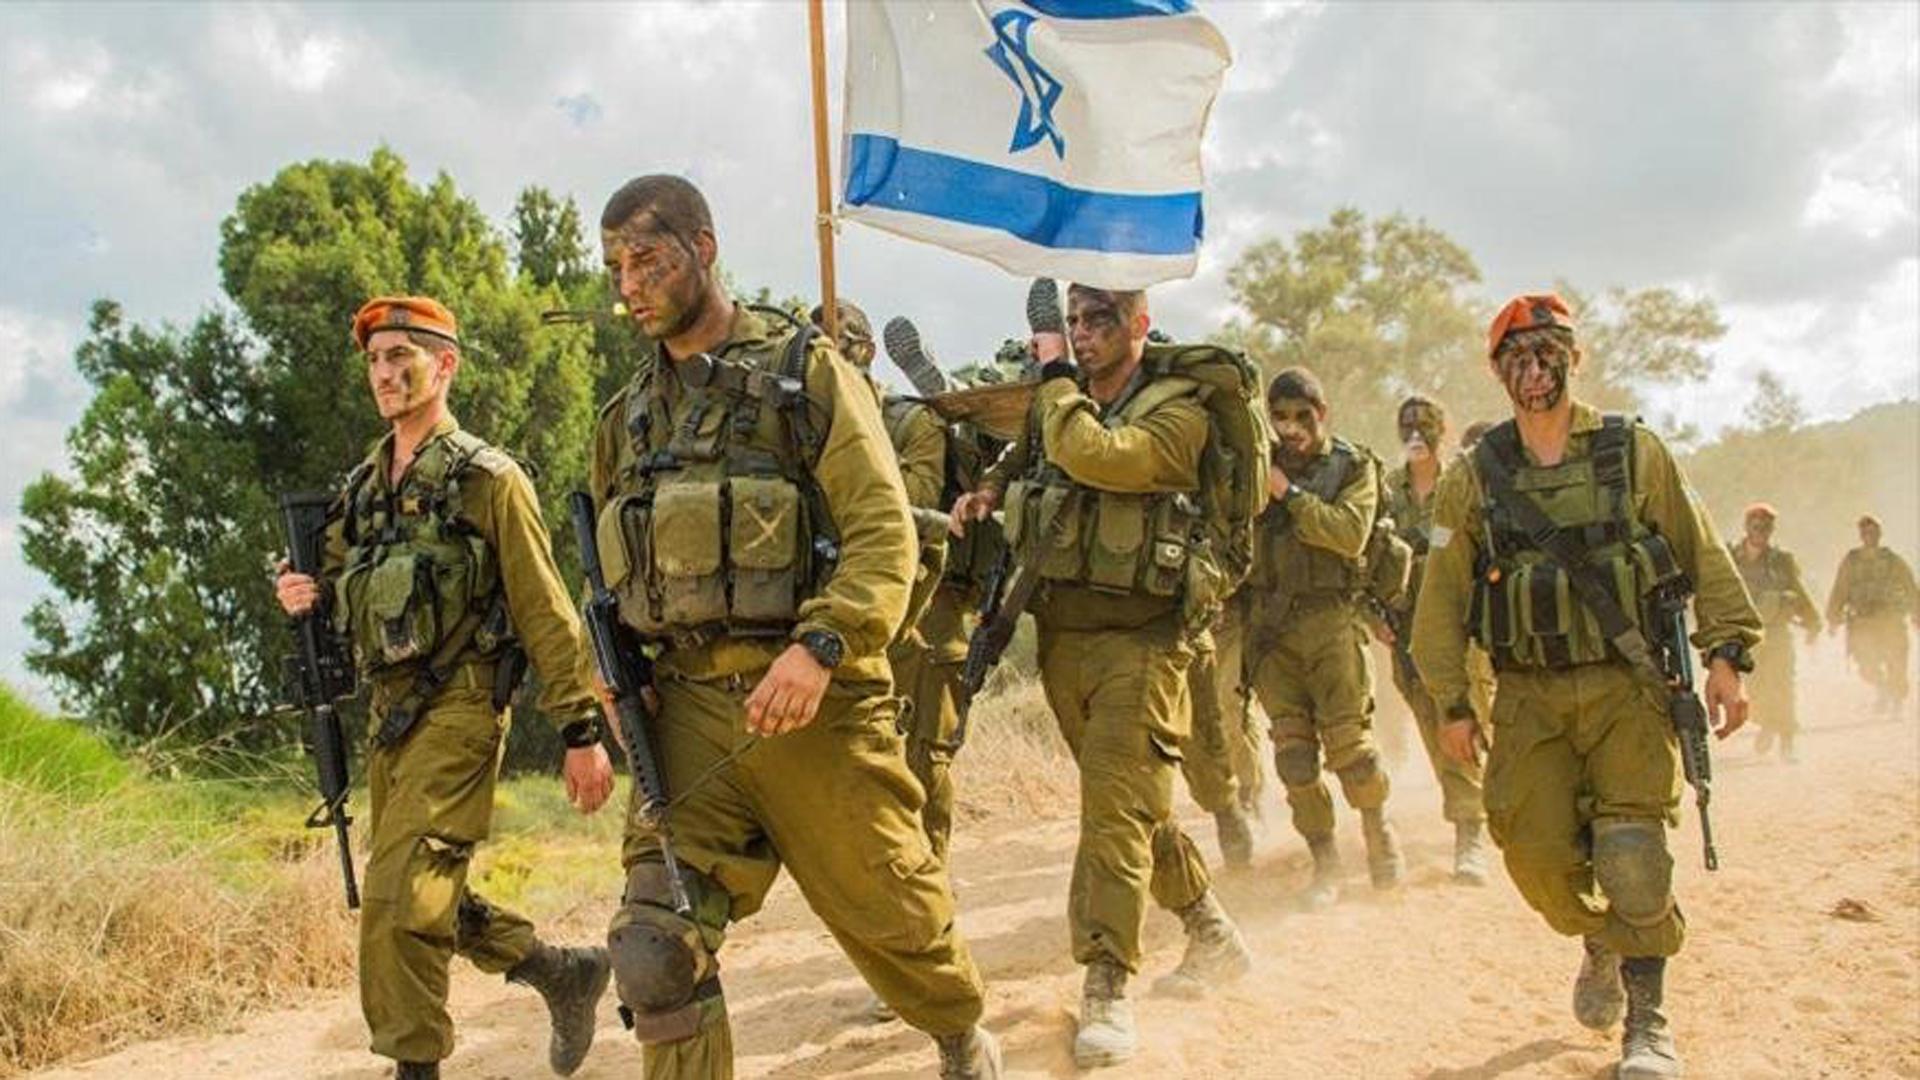 El ejército de Israel lanzó un mapa inteligente diseñado para la lucha  antiterrorista - Infobae